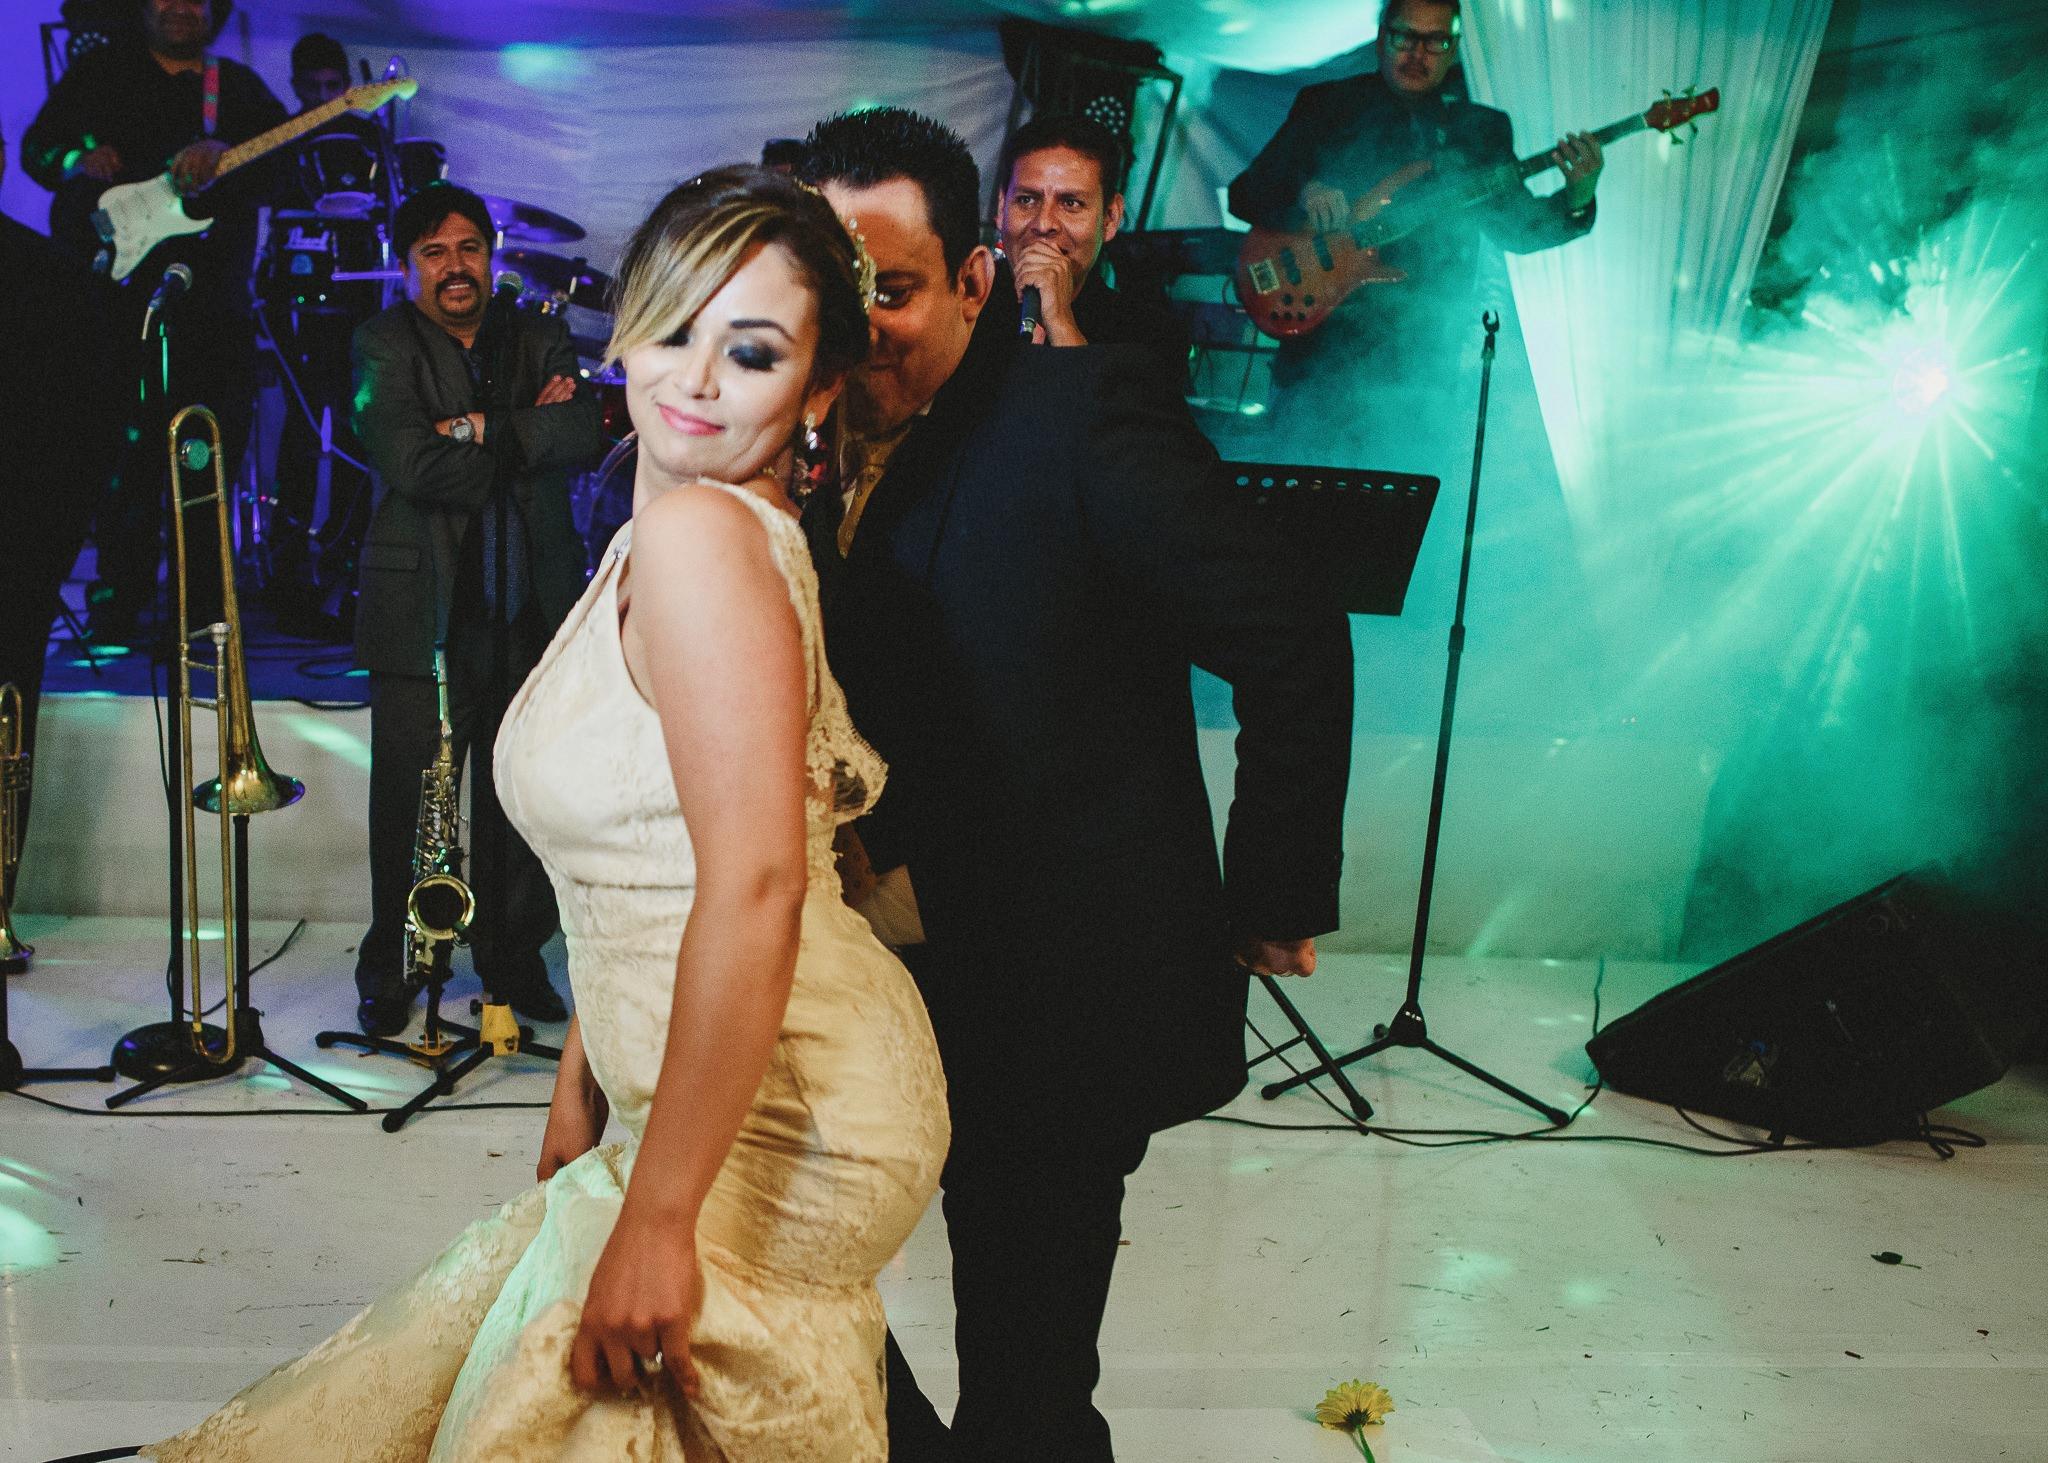 03boda-en-jardin-wedding-hacienda-los-cuartos-fotografo-luis-houdin132